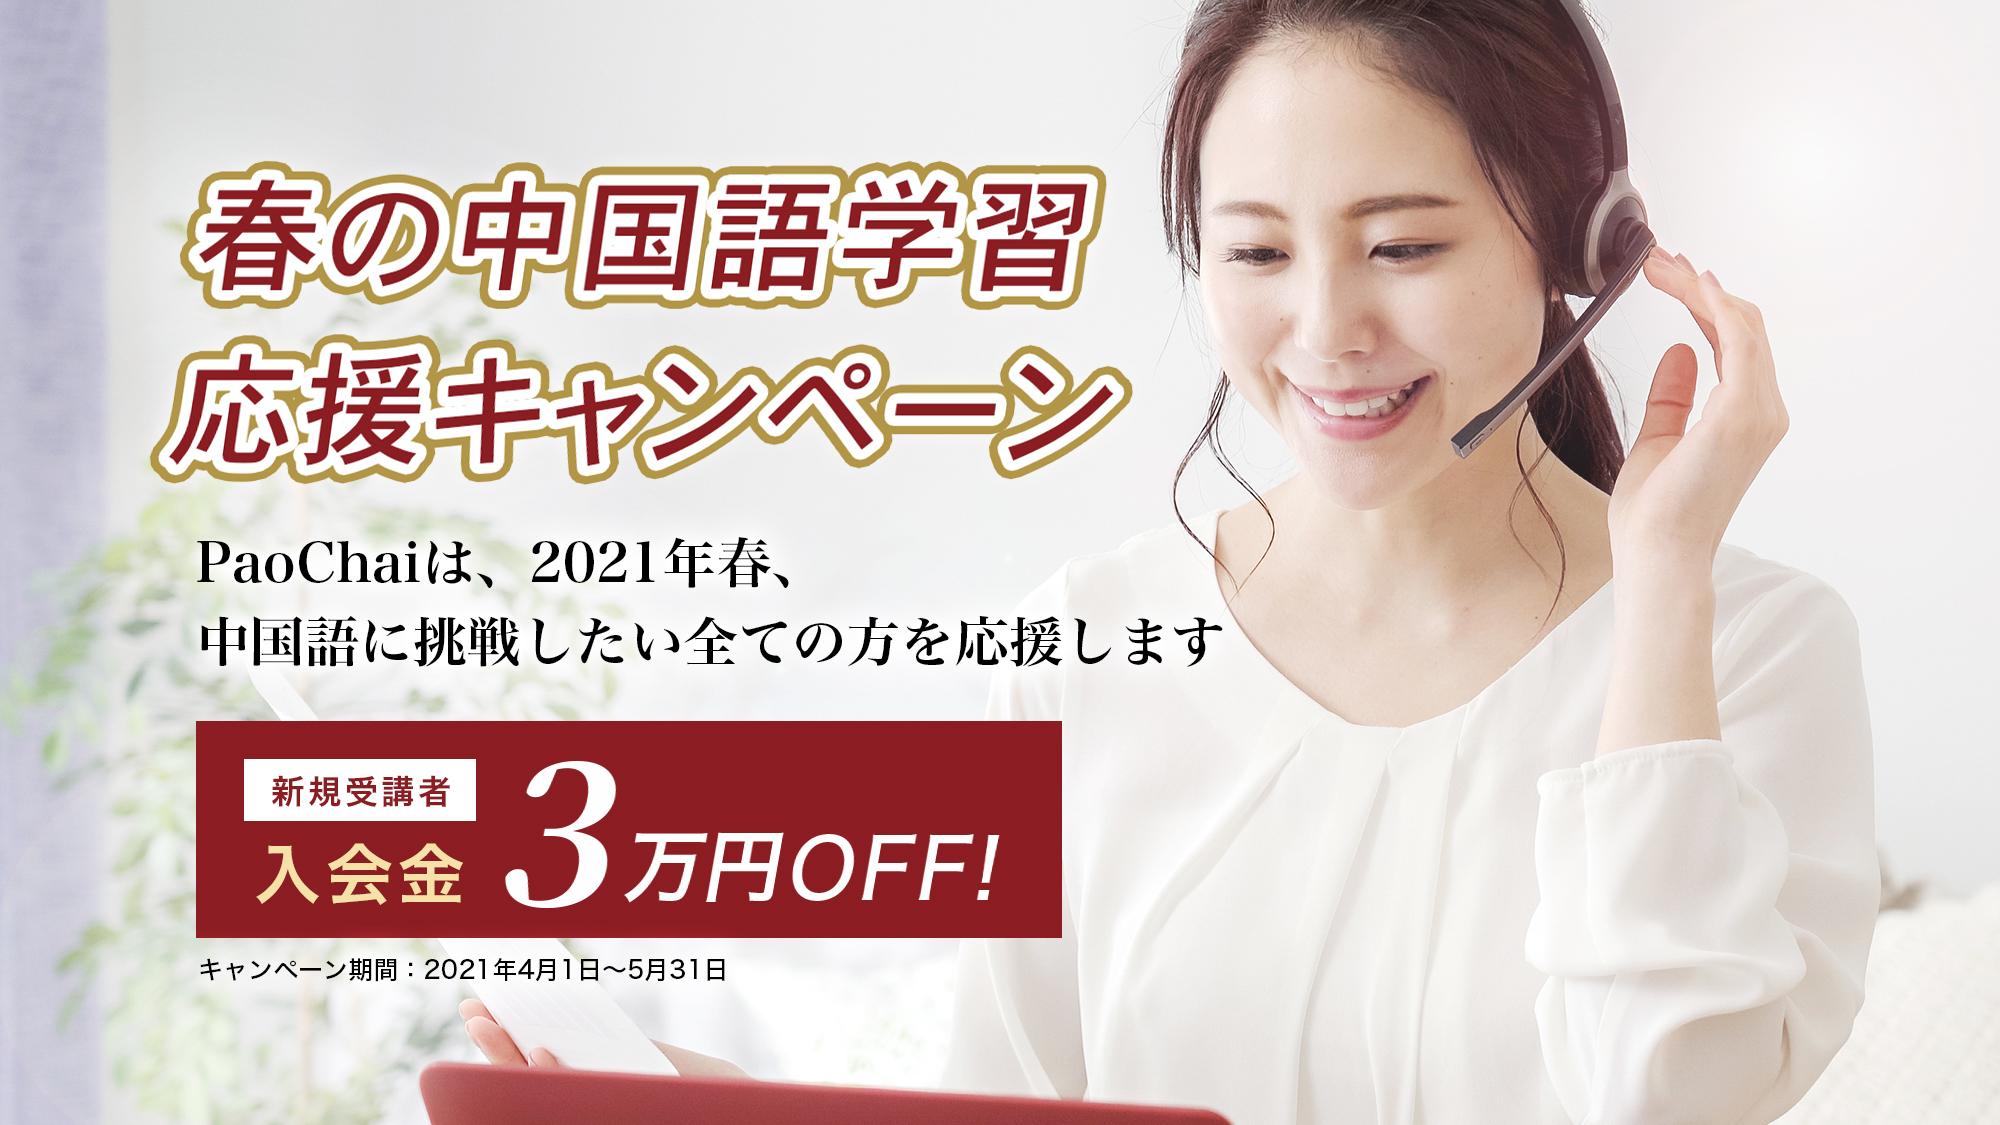 paochai_campaign_01.jpg